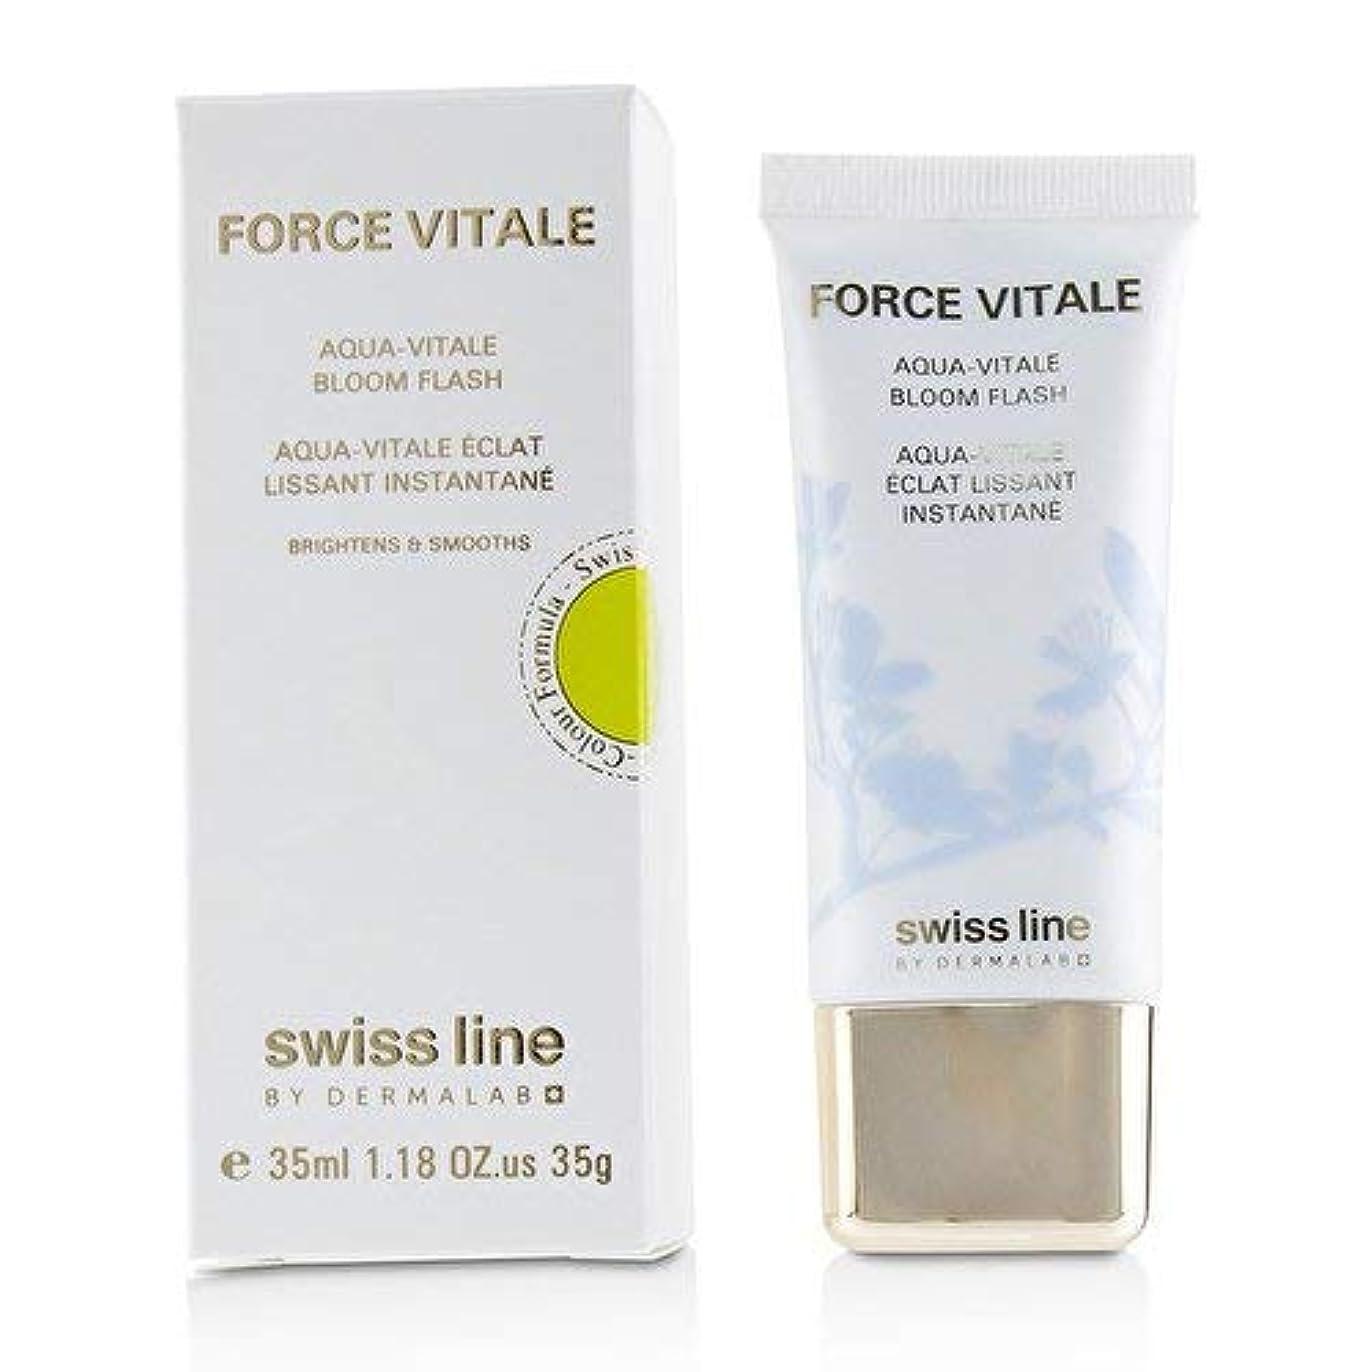 予備ラベンダーコンドームスイスライン Force Vitale Aqua-Vitale Bloom Flash 35ml並行輸入品